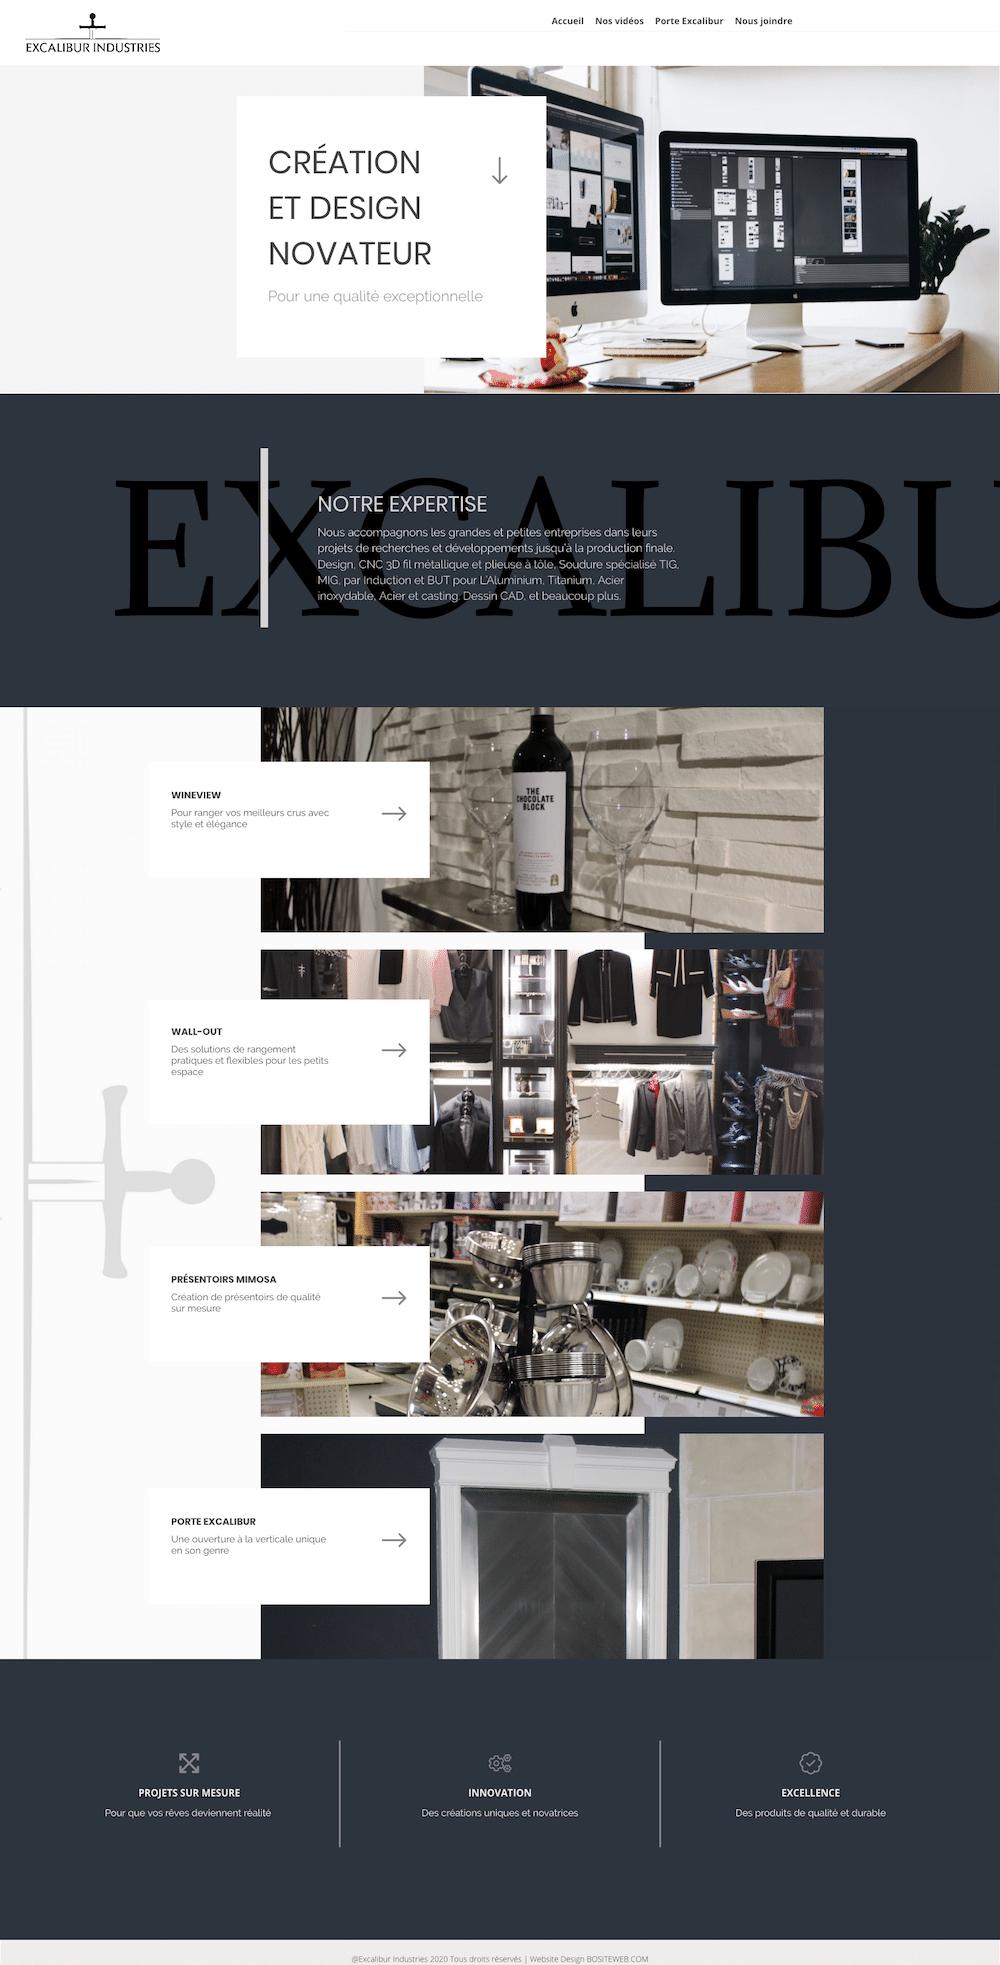 Site web d'Excalibur